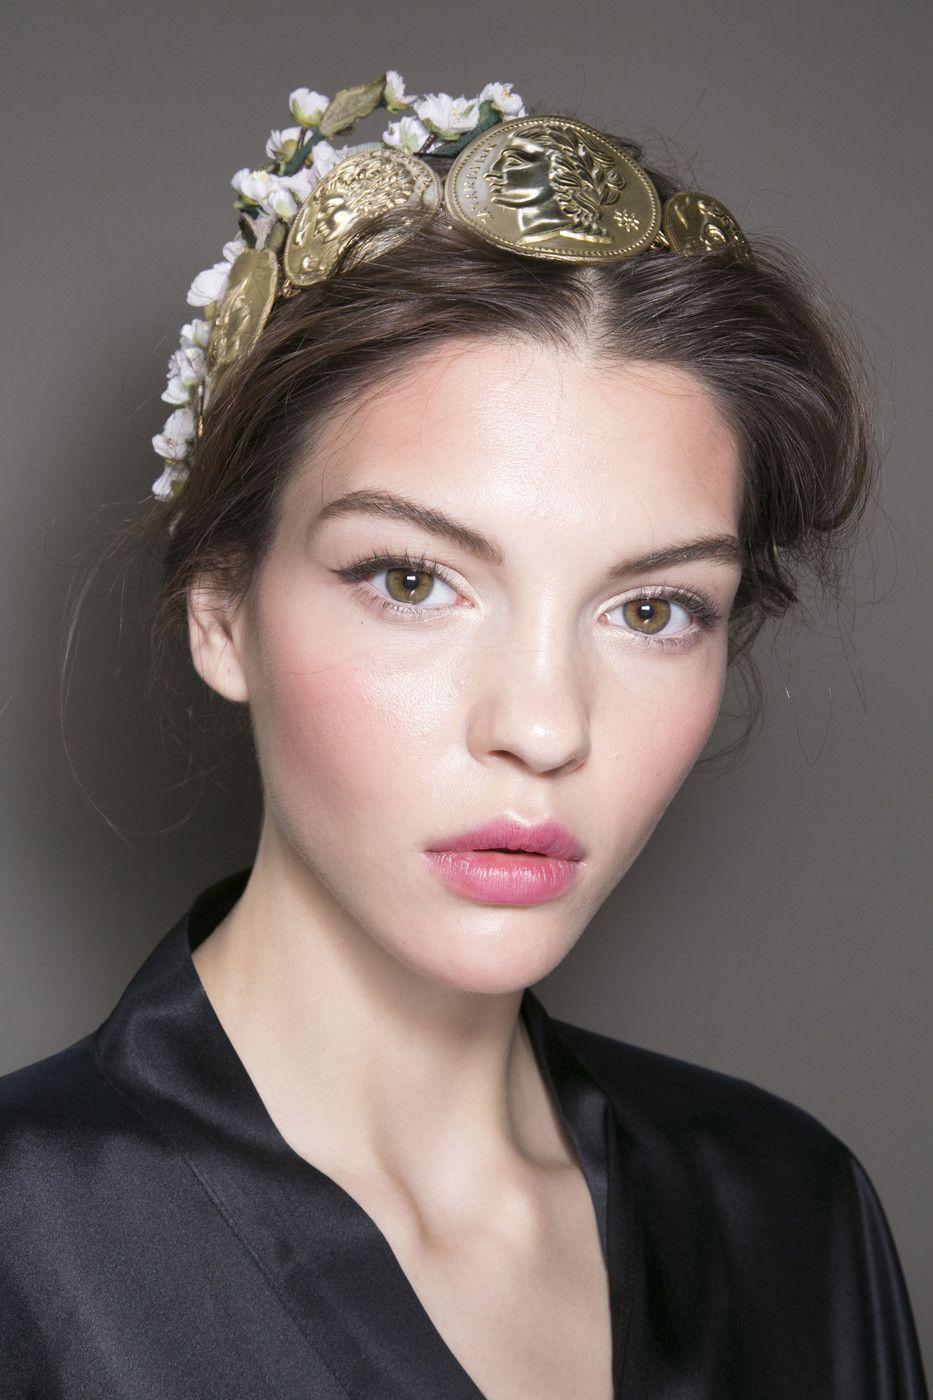 Dolce & Gabbana at Milan Fashion Week Spring 2014 Dolce